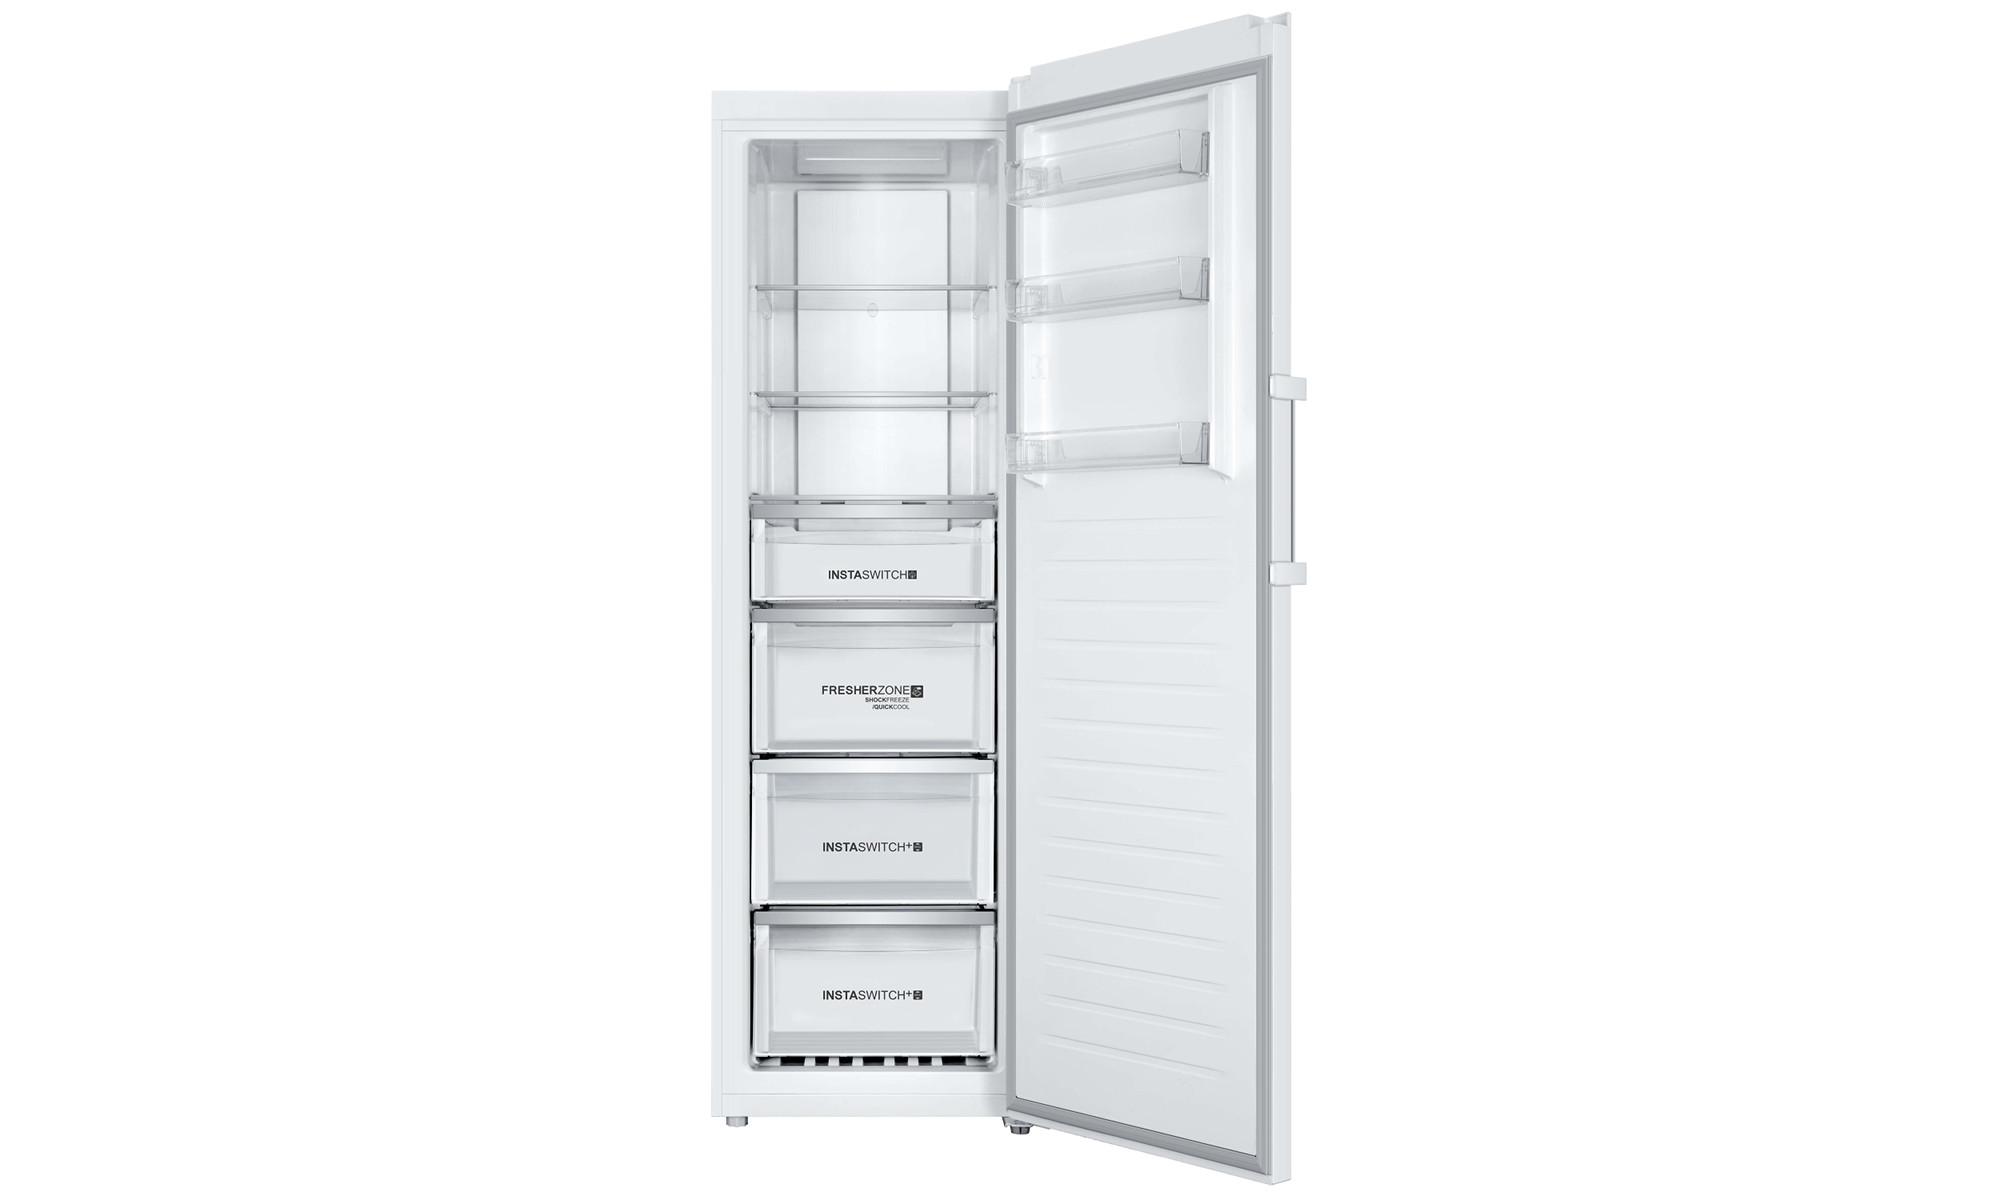 Aufteilung des Kühlschranks Haier Insta Switch